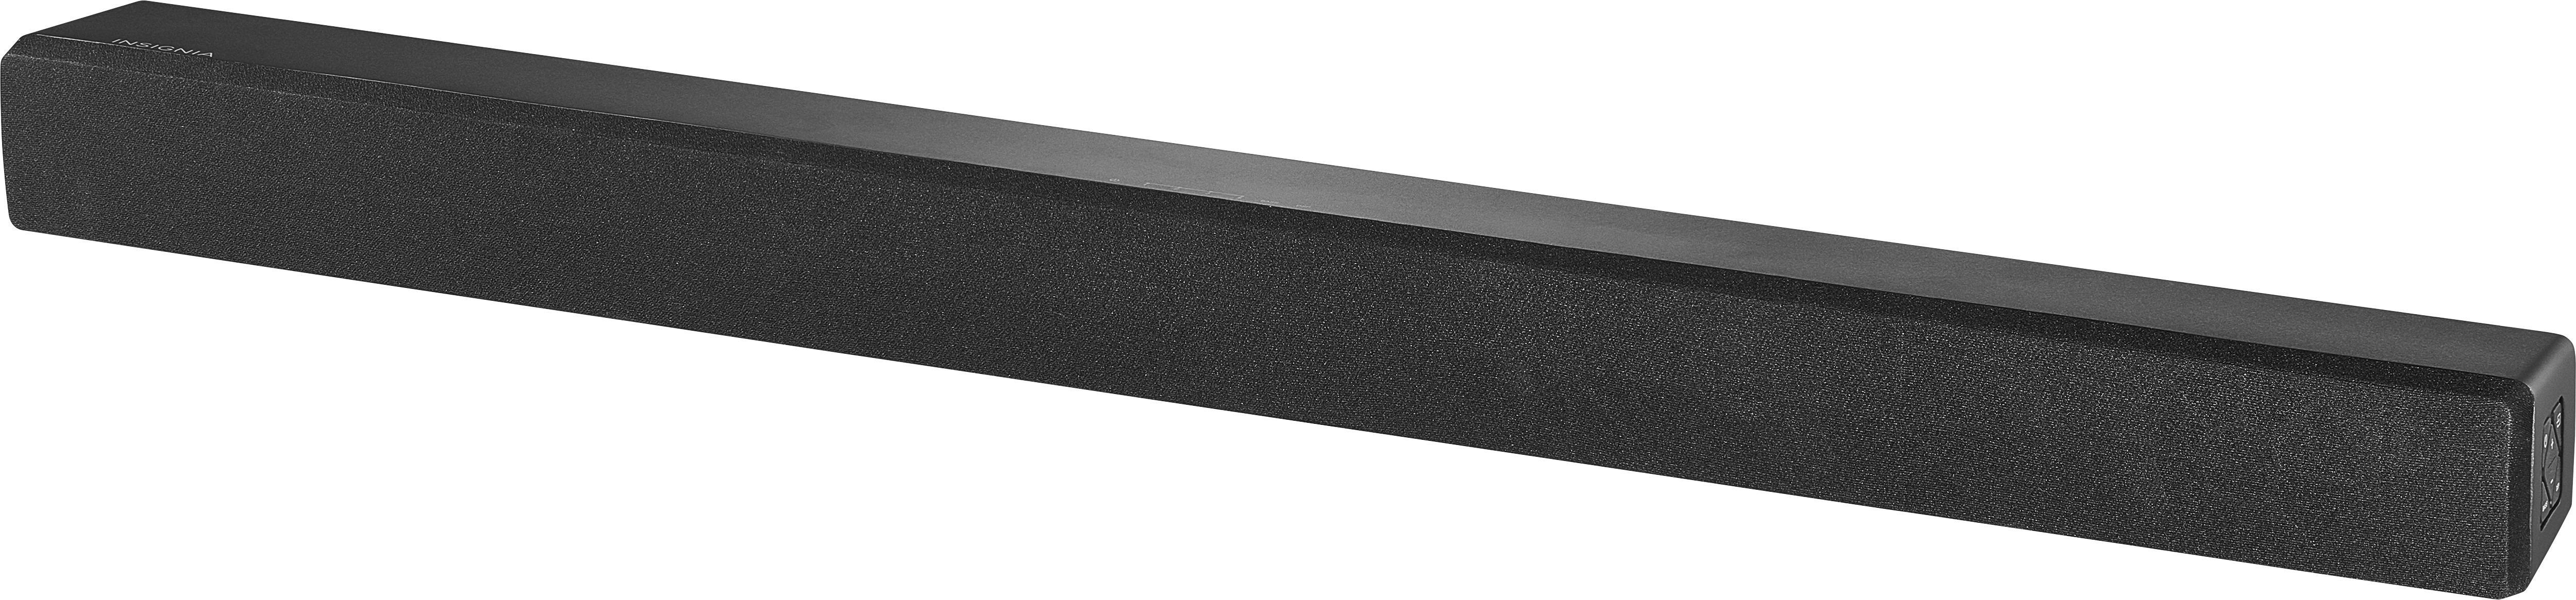 Insignia™ - 2.0-Channel Soundbar with Digital Amplifier - Black $39.99